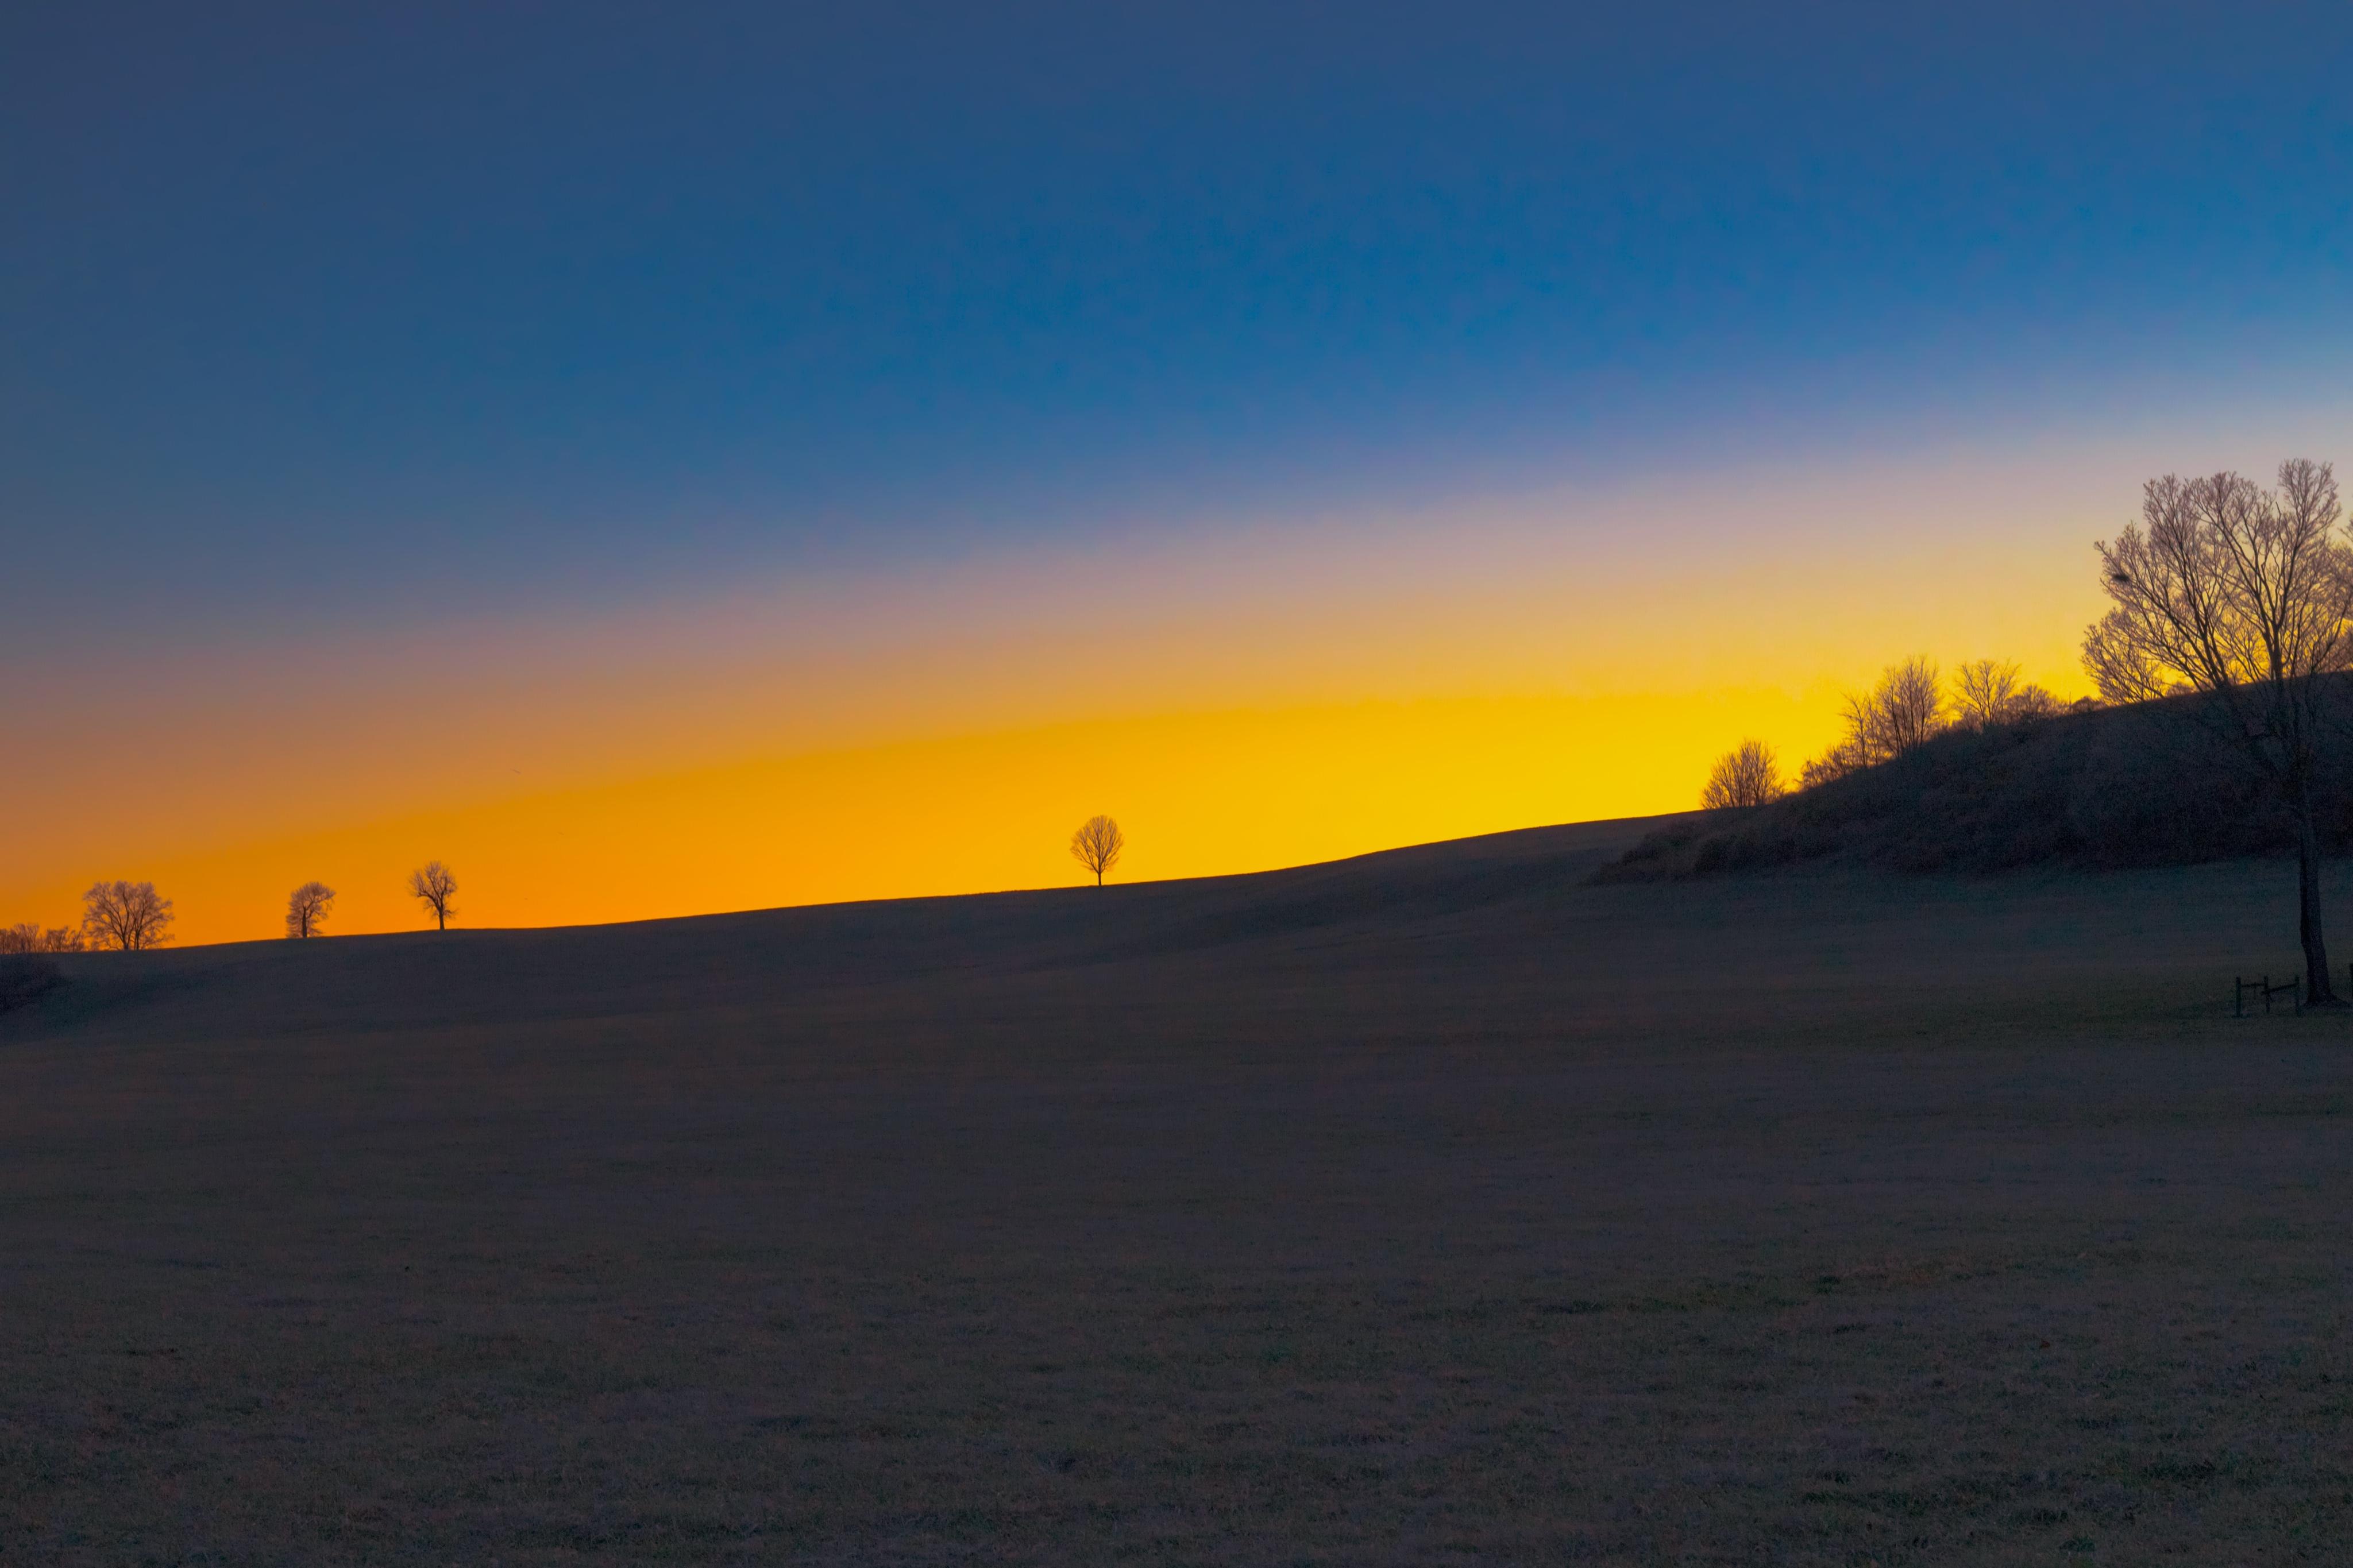 Sunset on Doe Run Ridge in Southeastern Pennsylvania